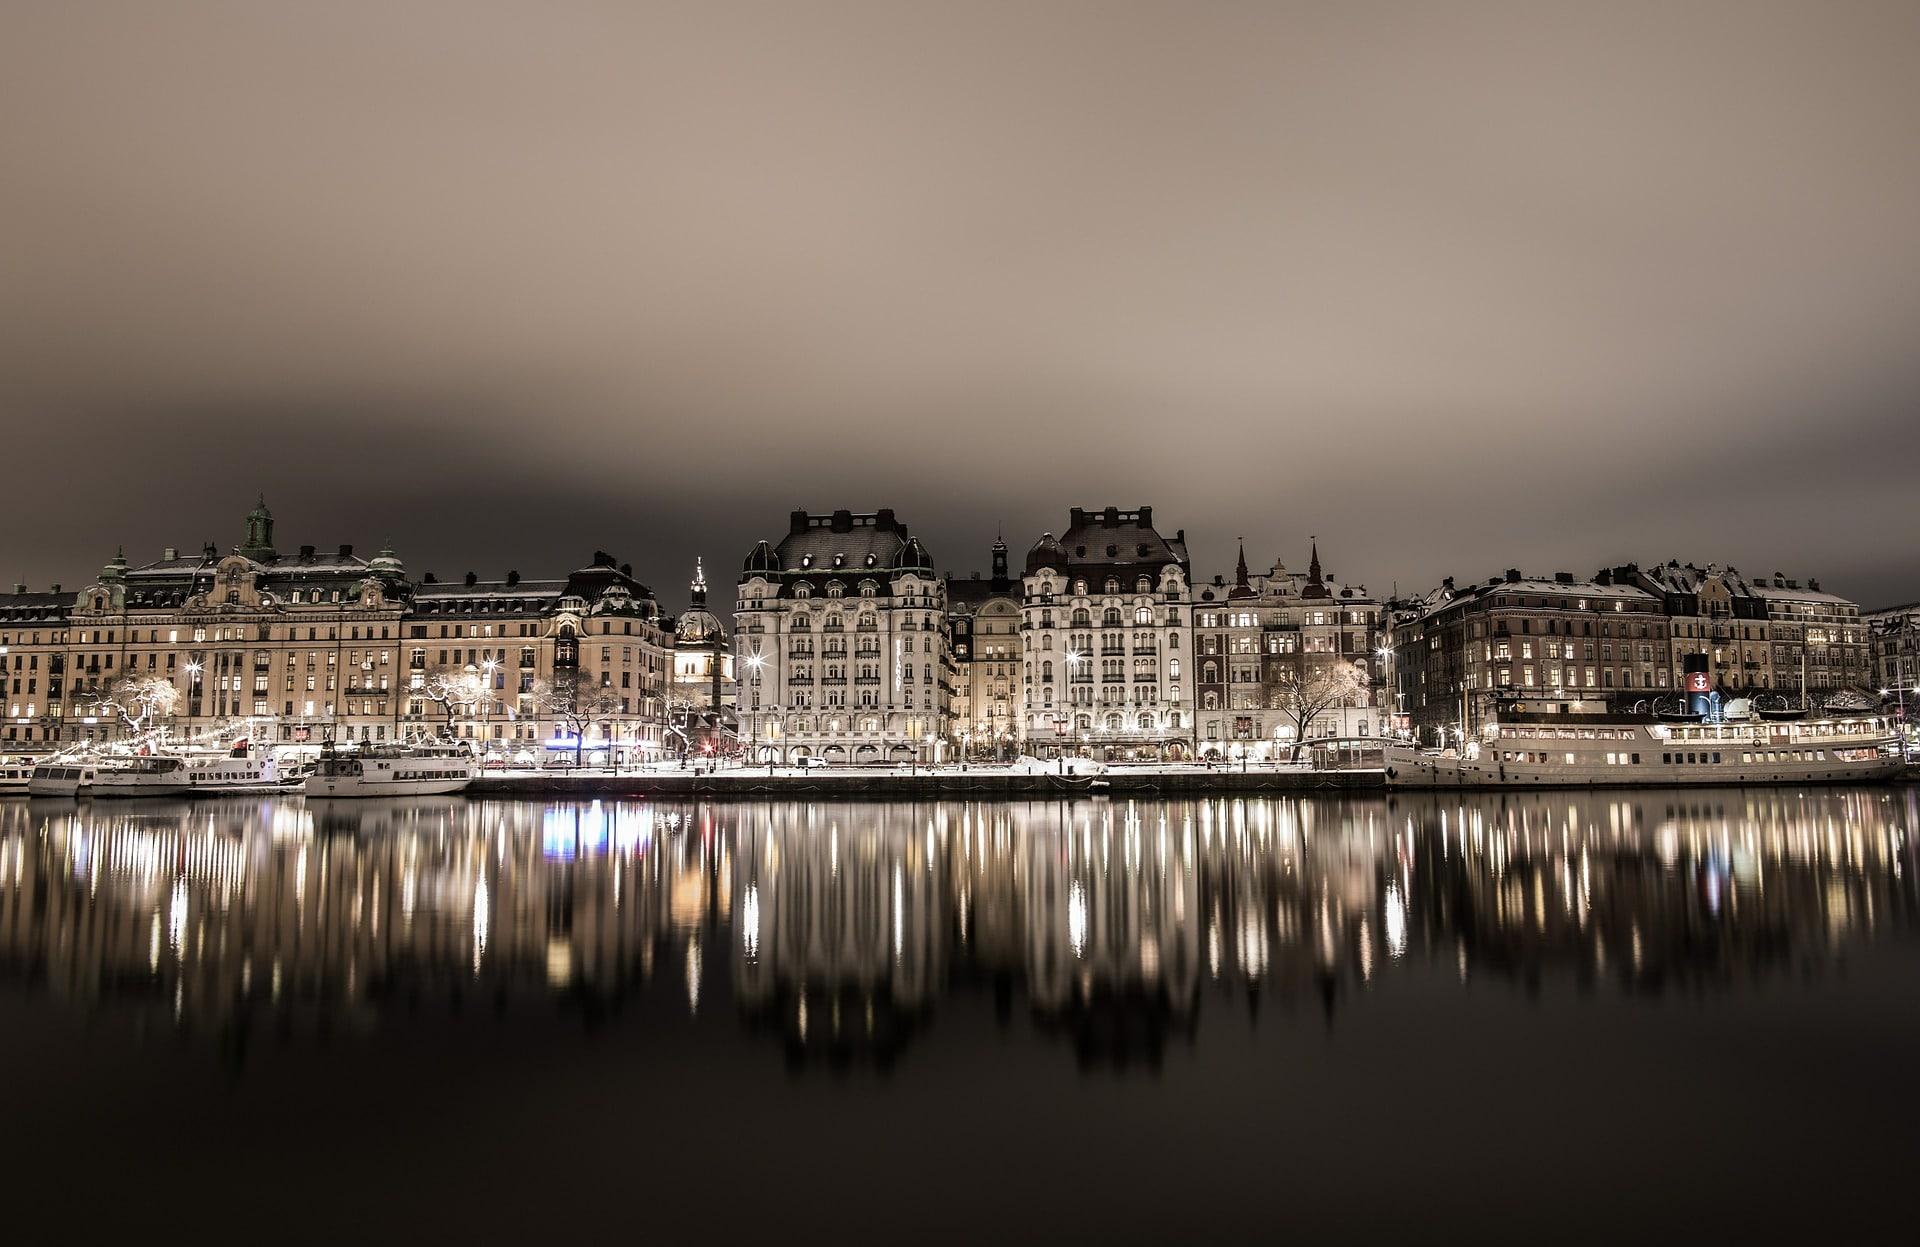 flyttfirma Stockholm billig